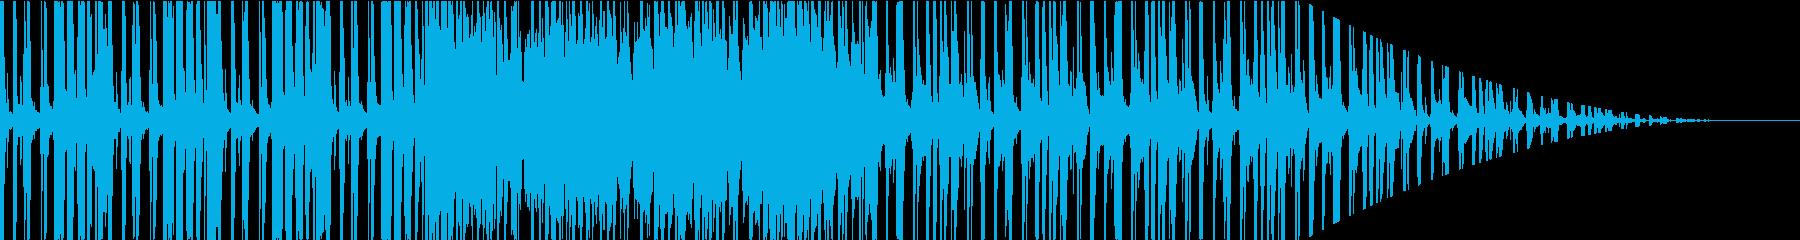 エモくてクールで都会的な音楽の再生済みの波形